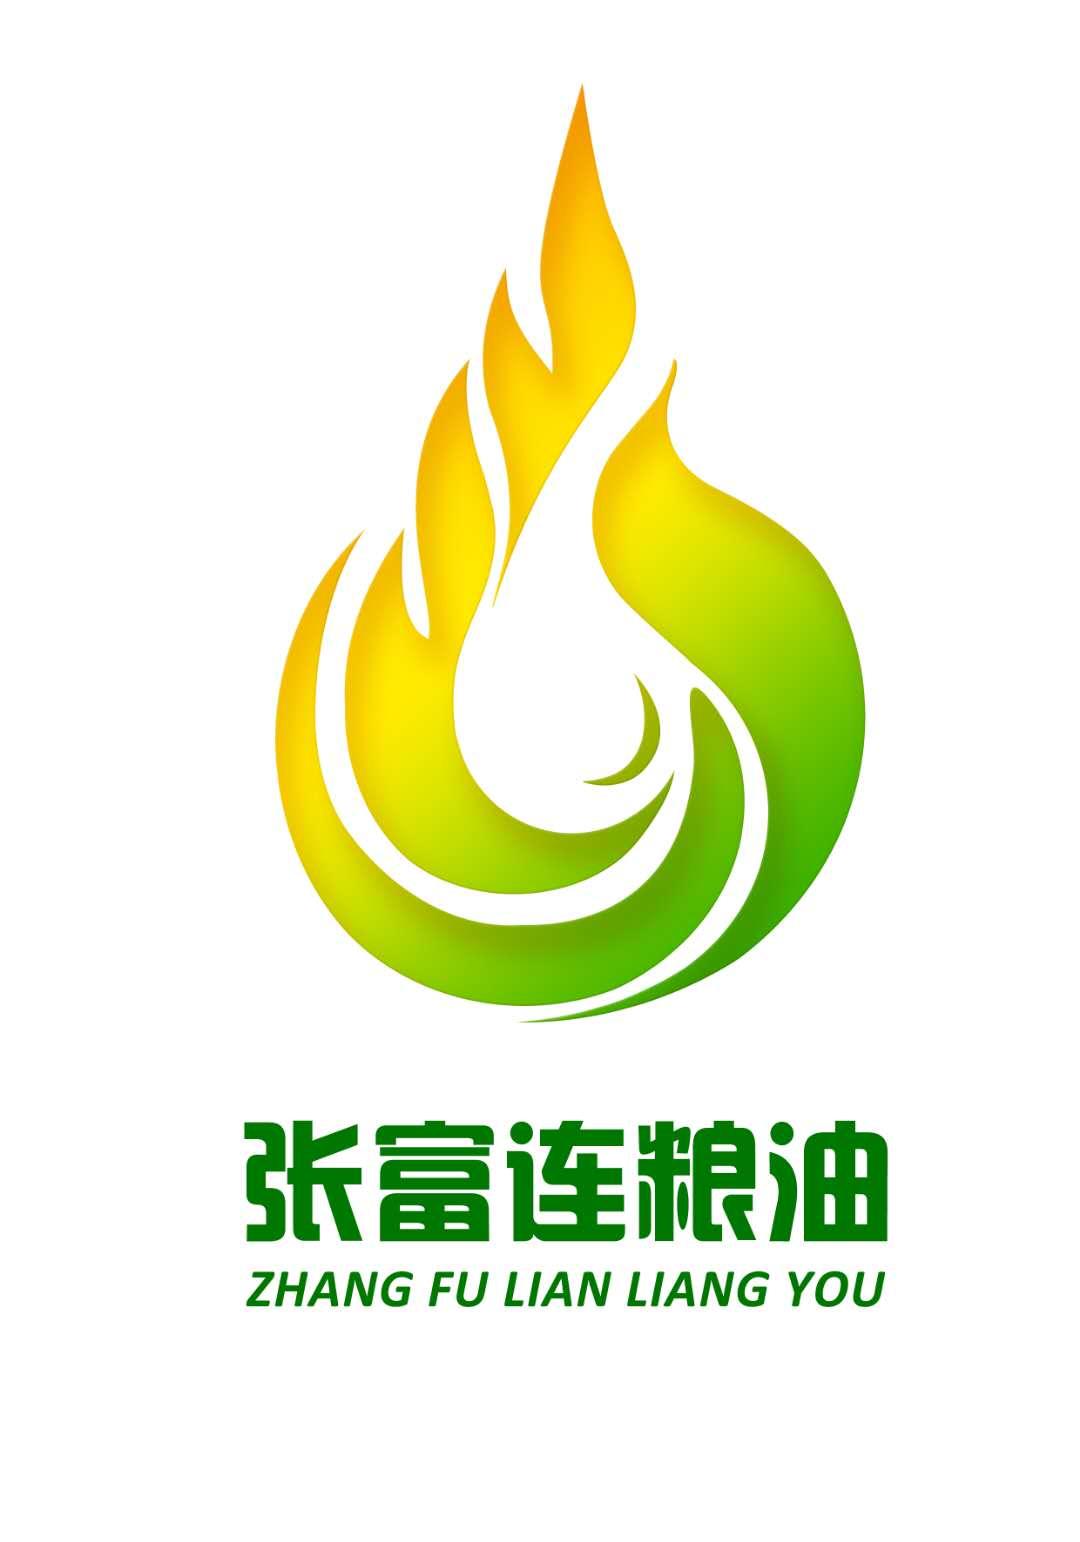 神木市富连粮油加工农民专业合作社